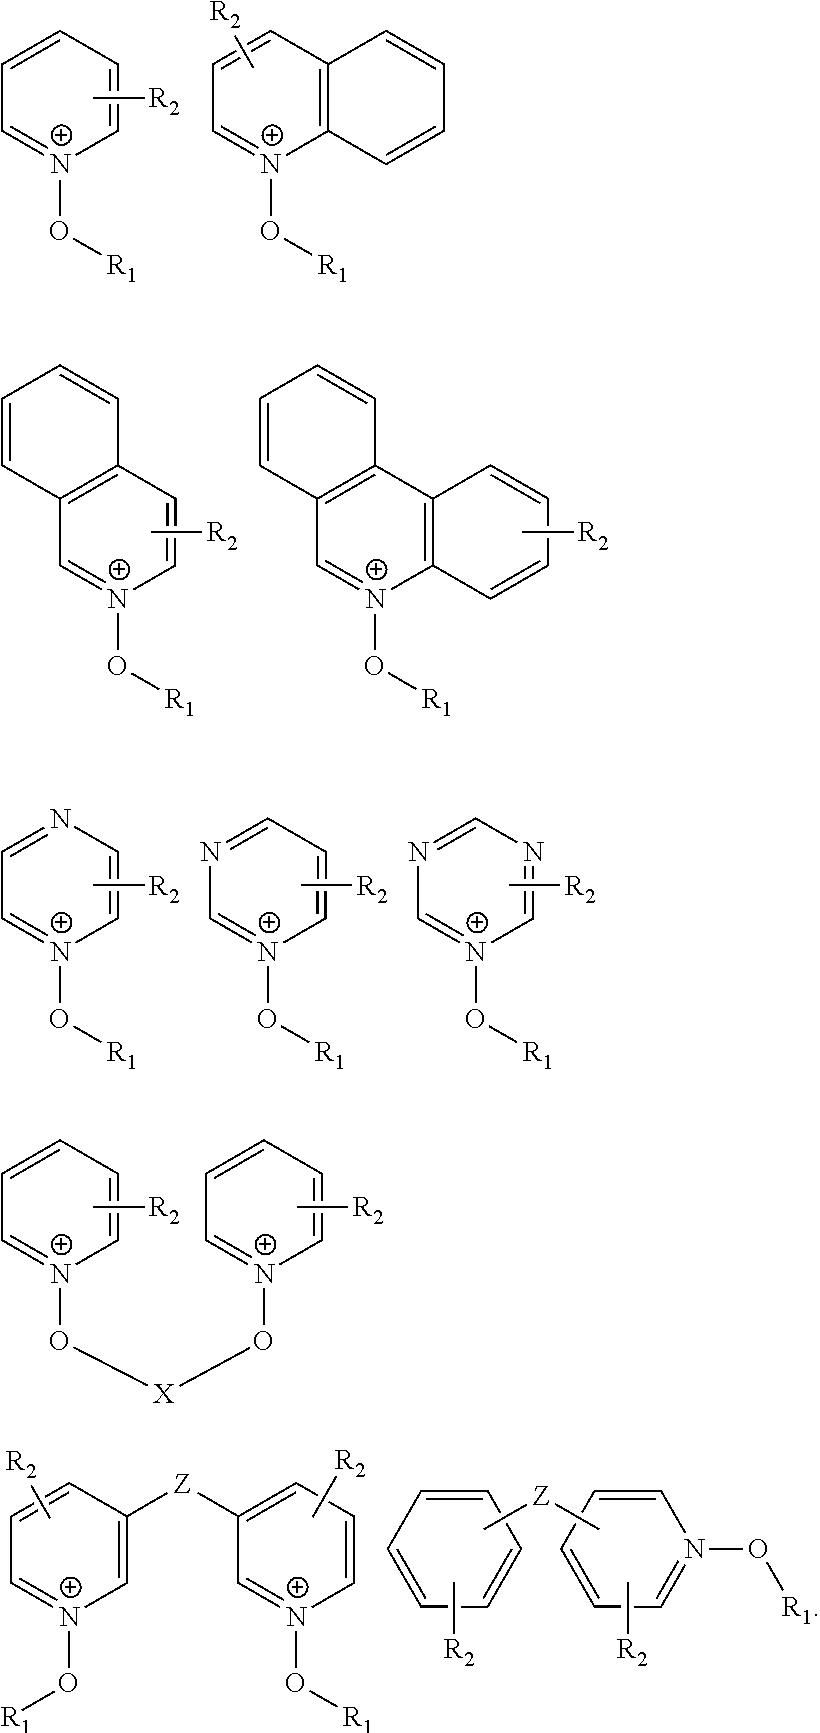 Figure US20120295999A1-20121122-C00035